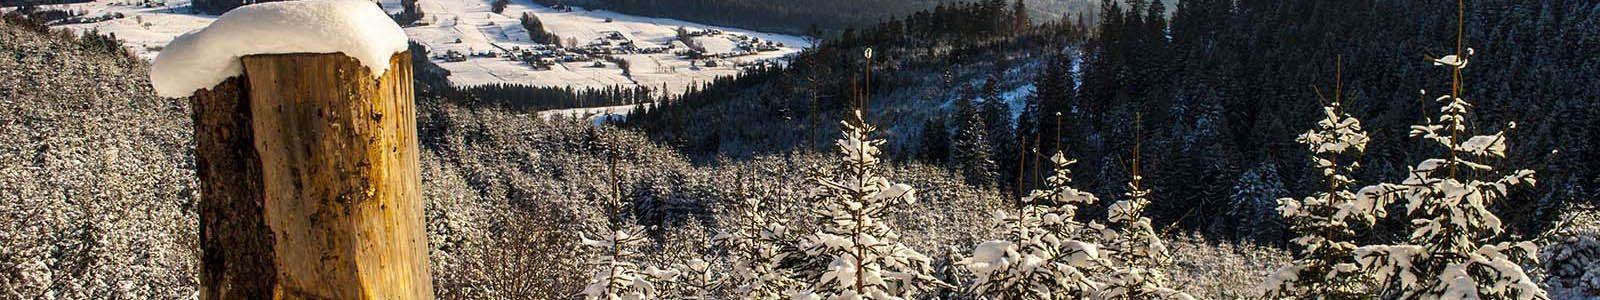 Domki z widokiem na góry